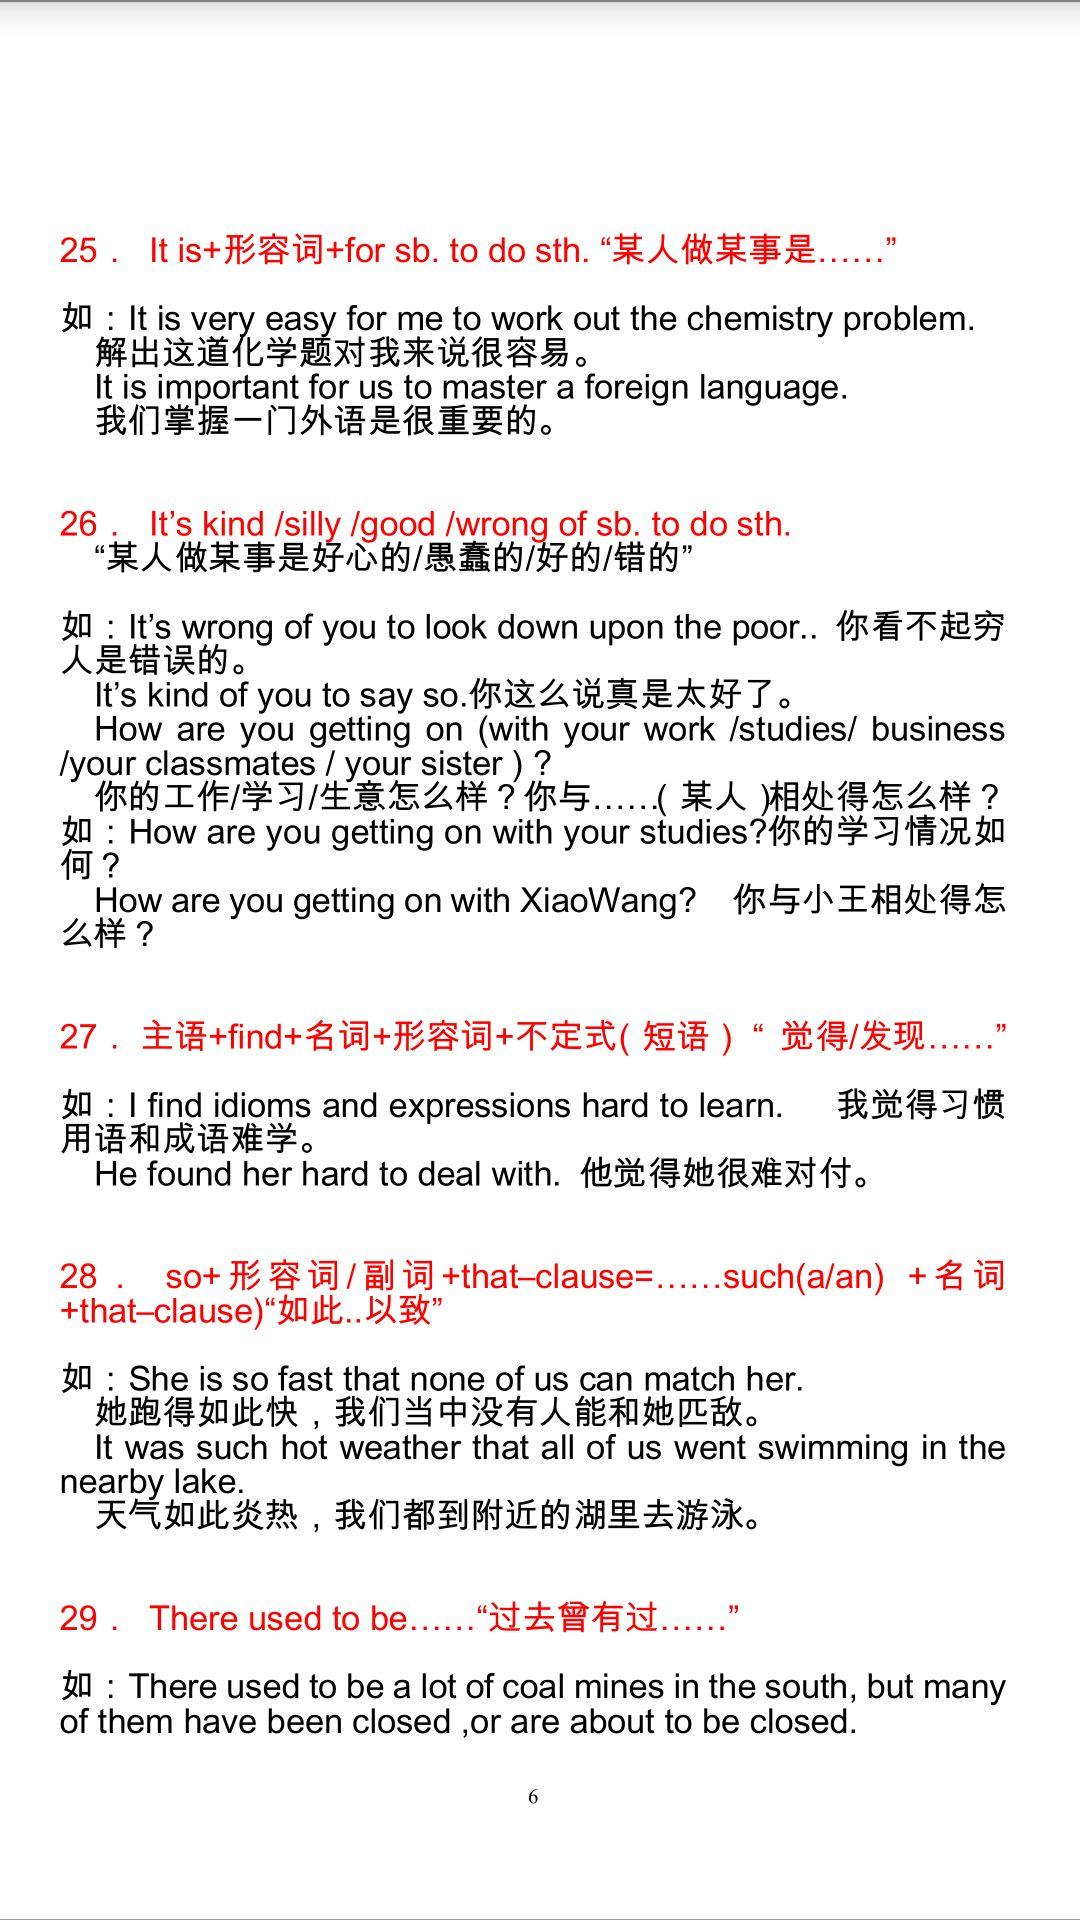 高中英语知识点归纳:高中英语重点简历高中句型常用自我v重点图片